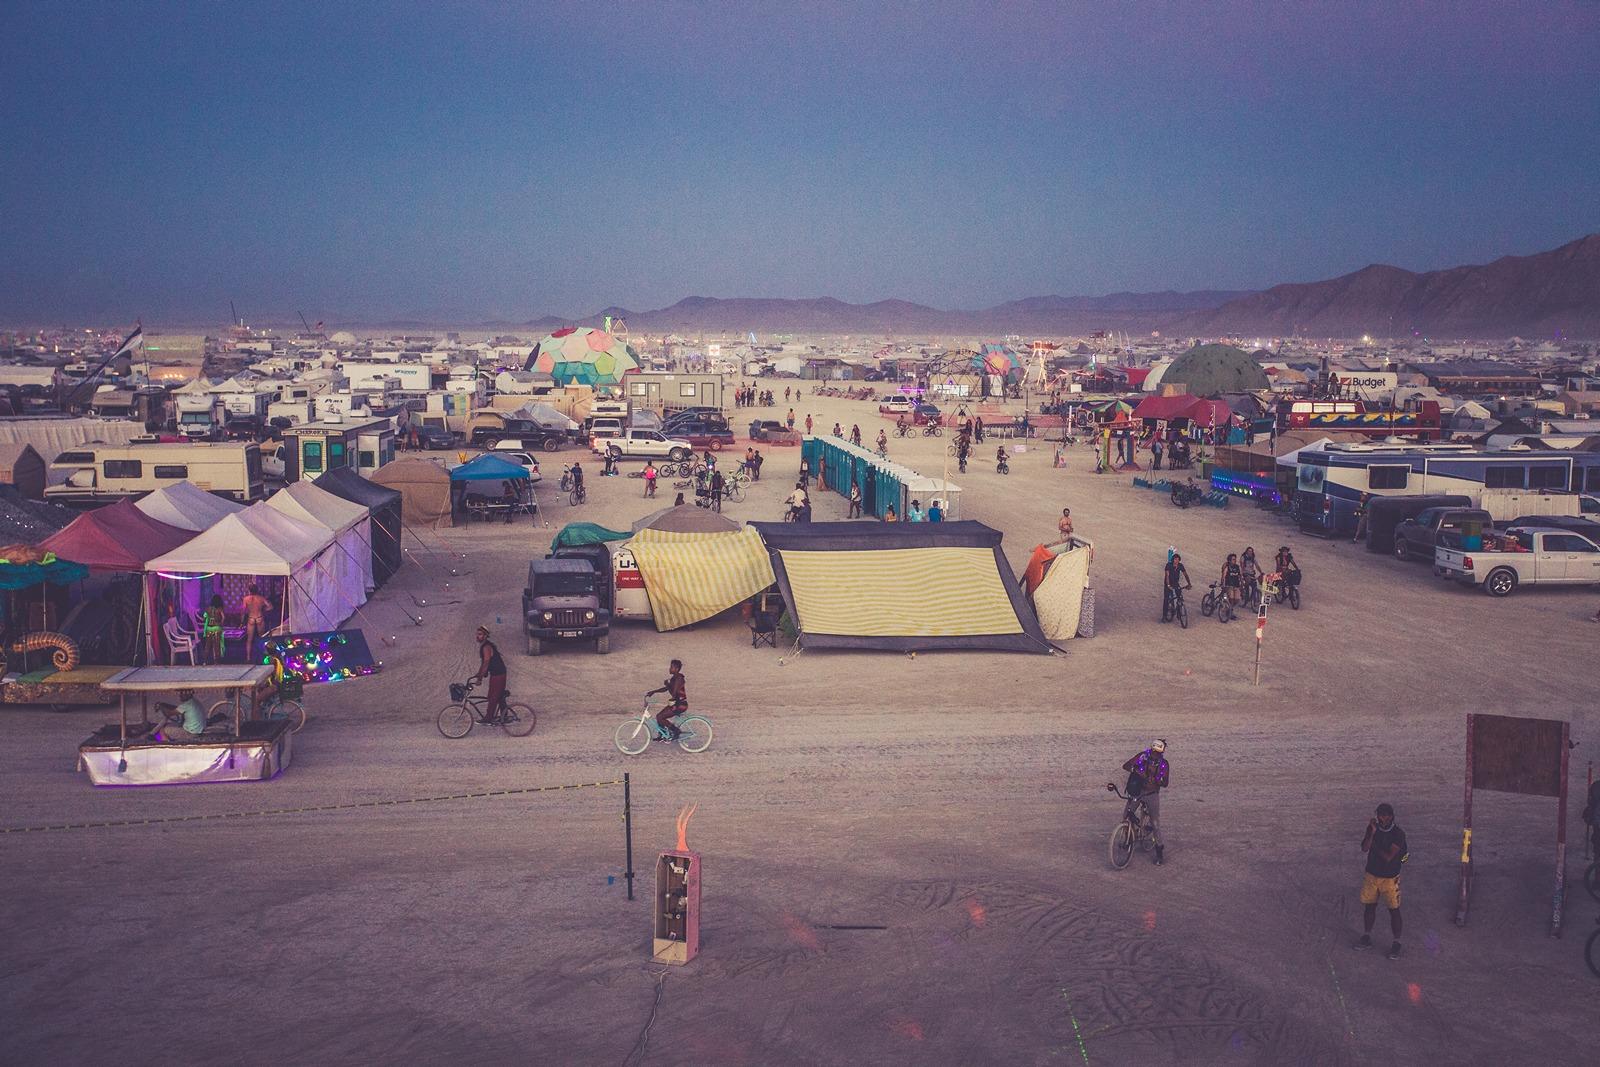 Burning Man - The night starts